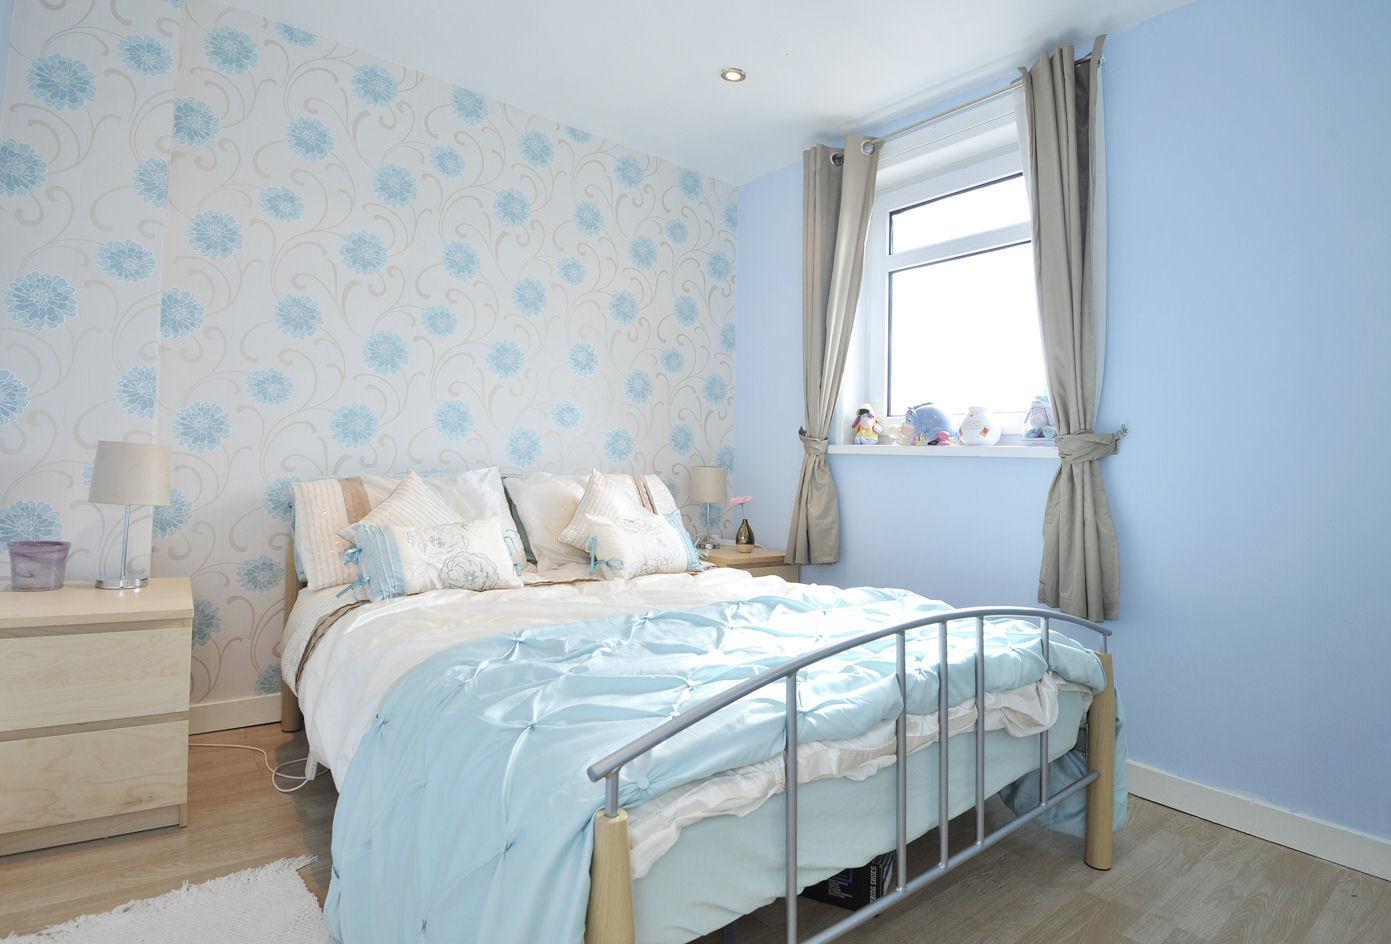 Bedroom 2 - sch